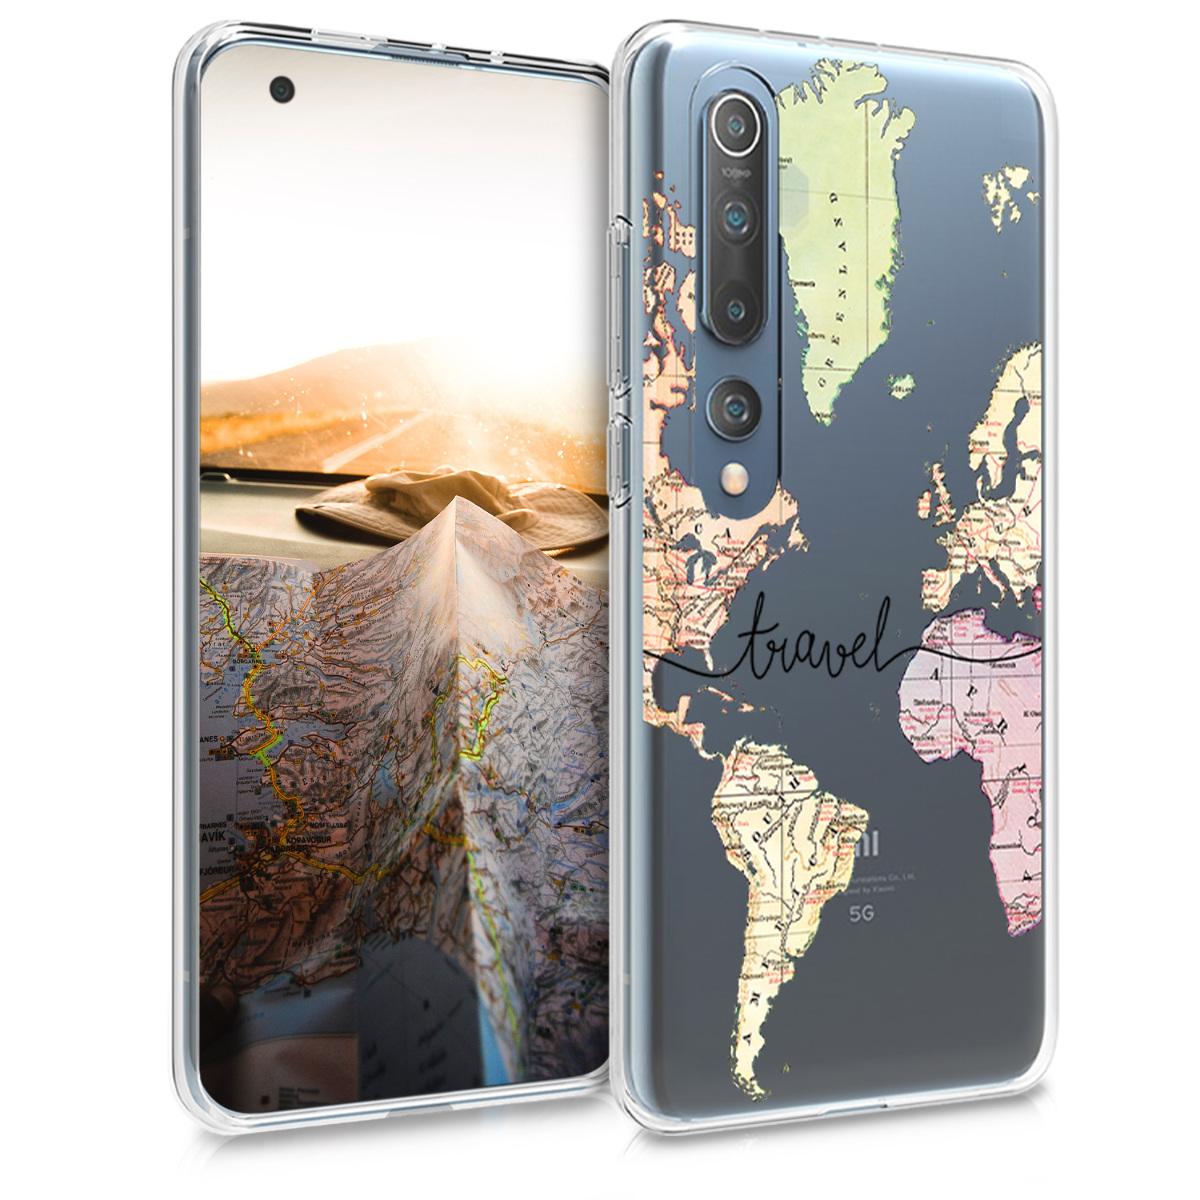 Silikonové pouzdro / obal s barevnou mapou světa pro Xiaomi Mi 10 / Mi 10 Pro